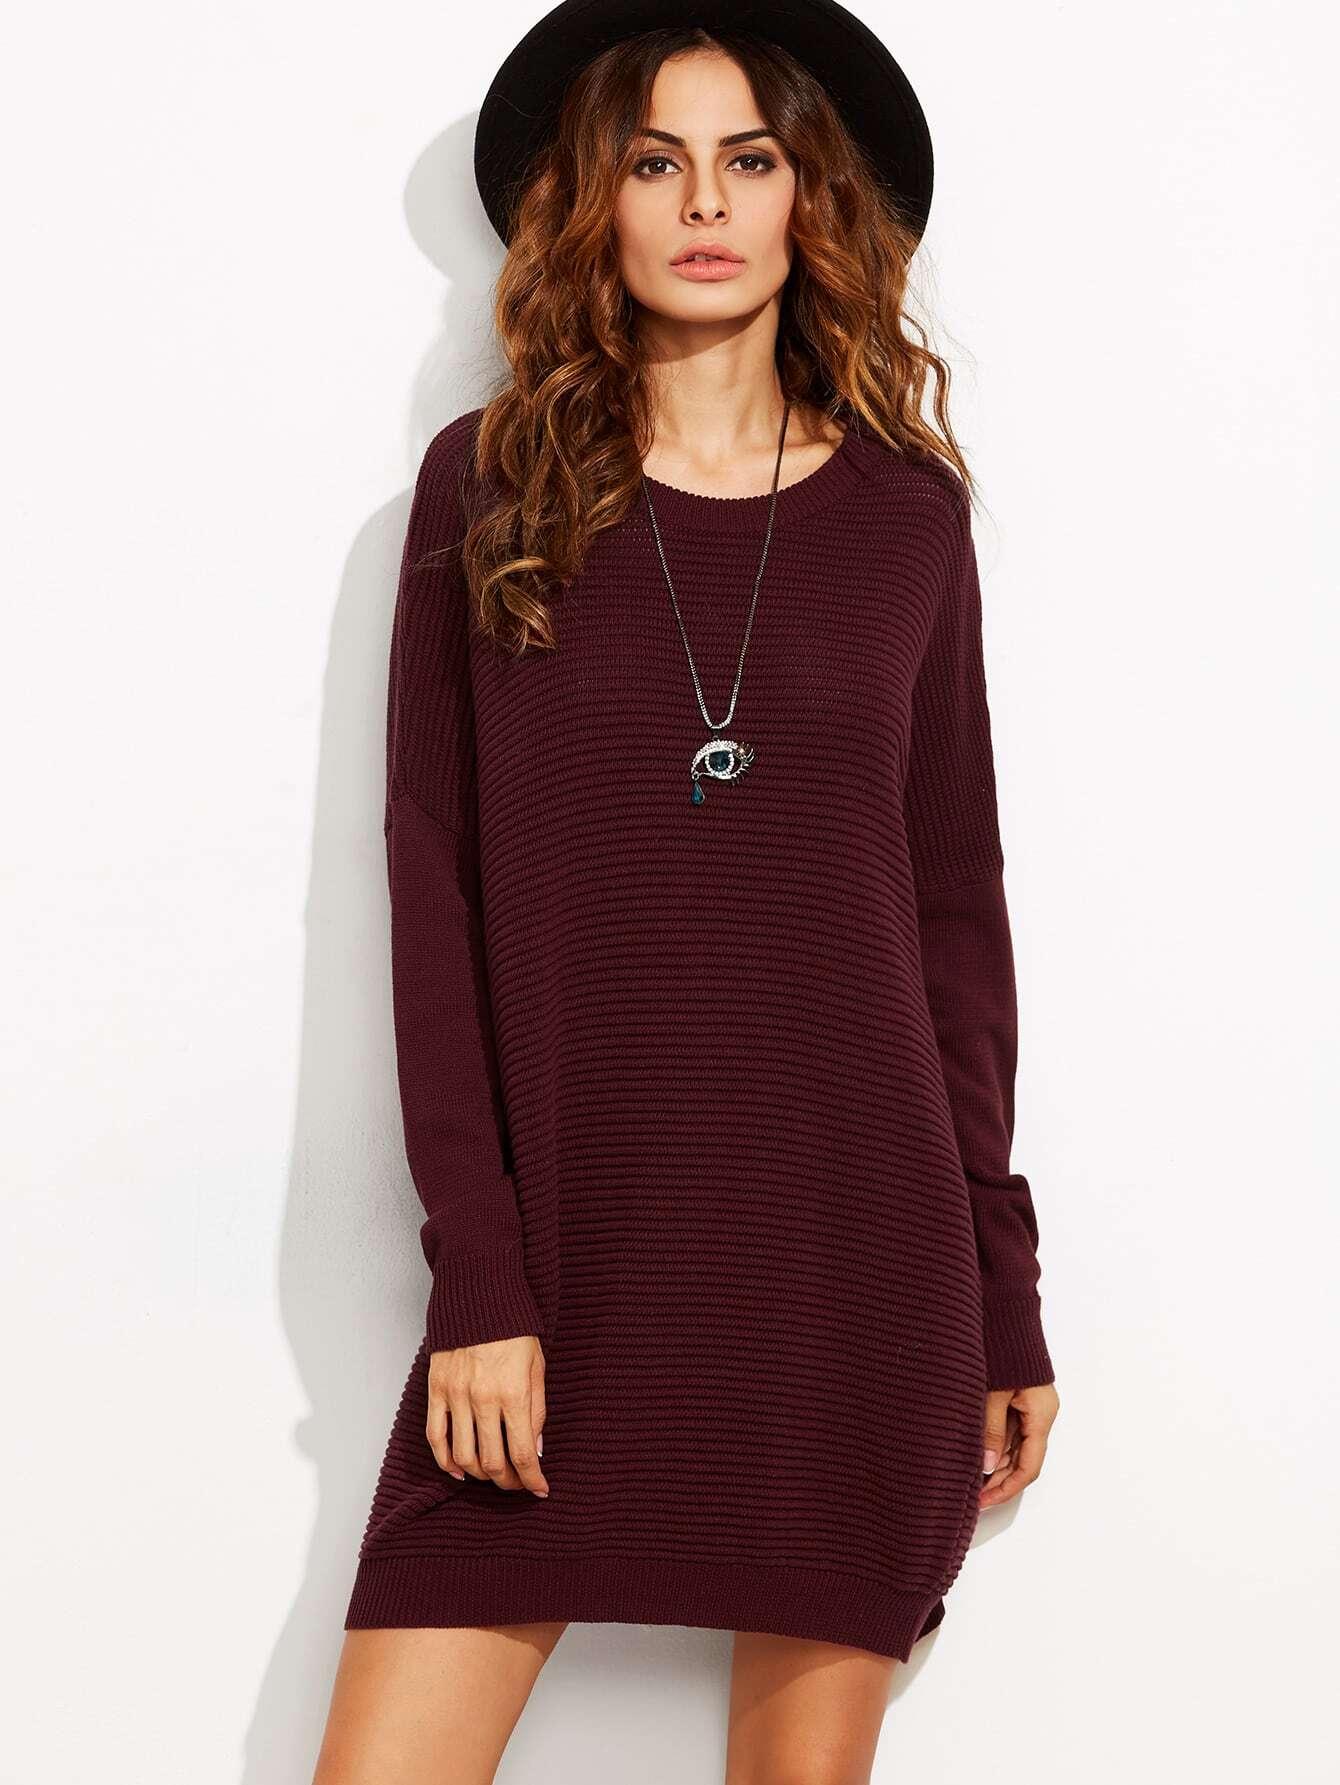 Burgundy Drop Shoulder Ribbed Cocoon Sweater Dress dress160812707